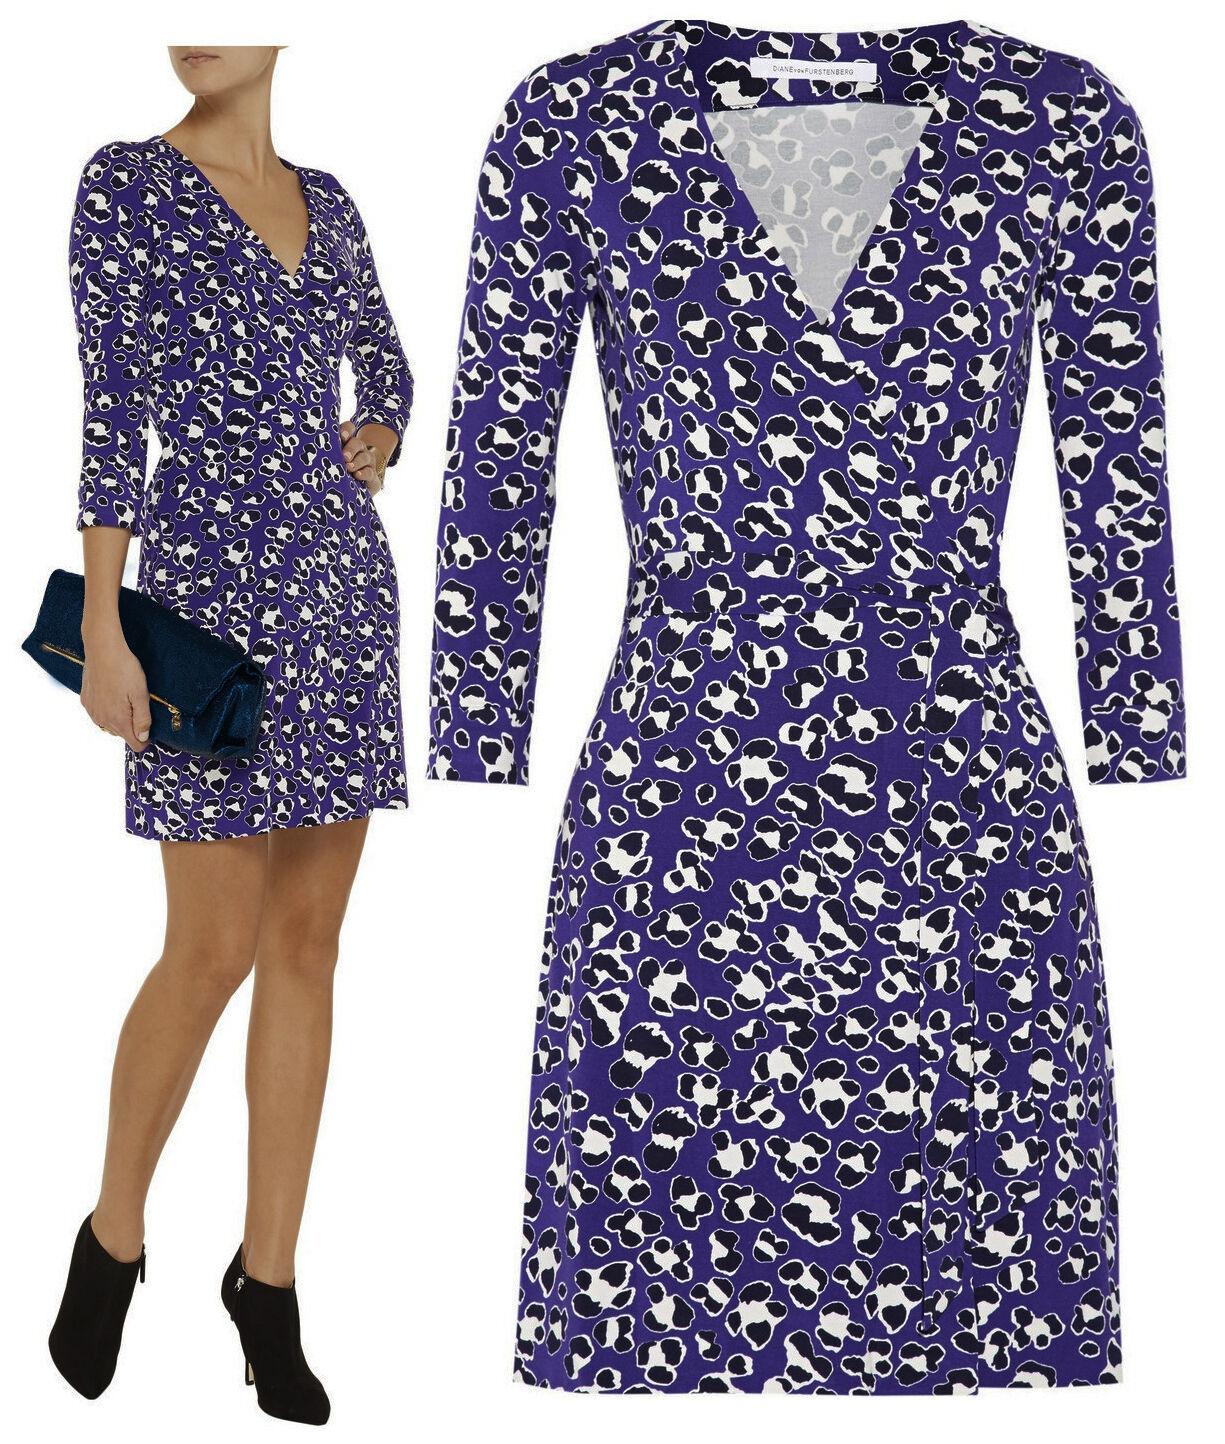 398 Diane Von Furstenberg Dvf Nuevo Julian 2 spotted  Floral Gato Morado wrap dress  venta al por mayor barato